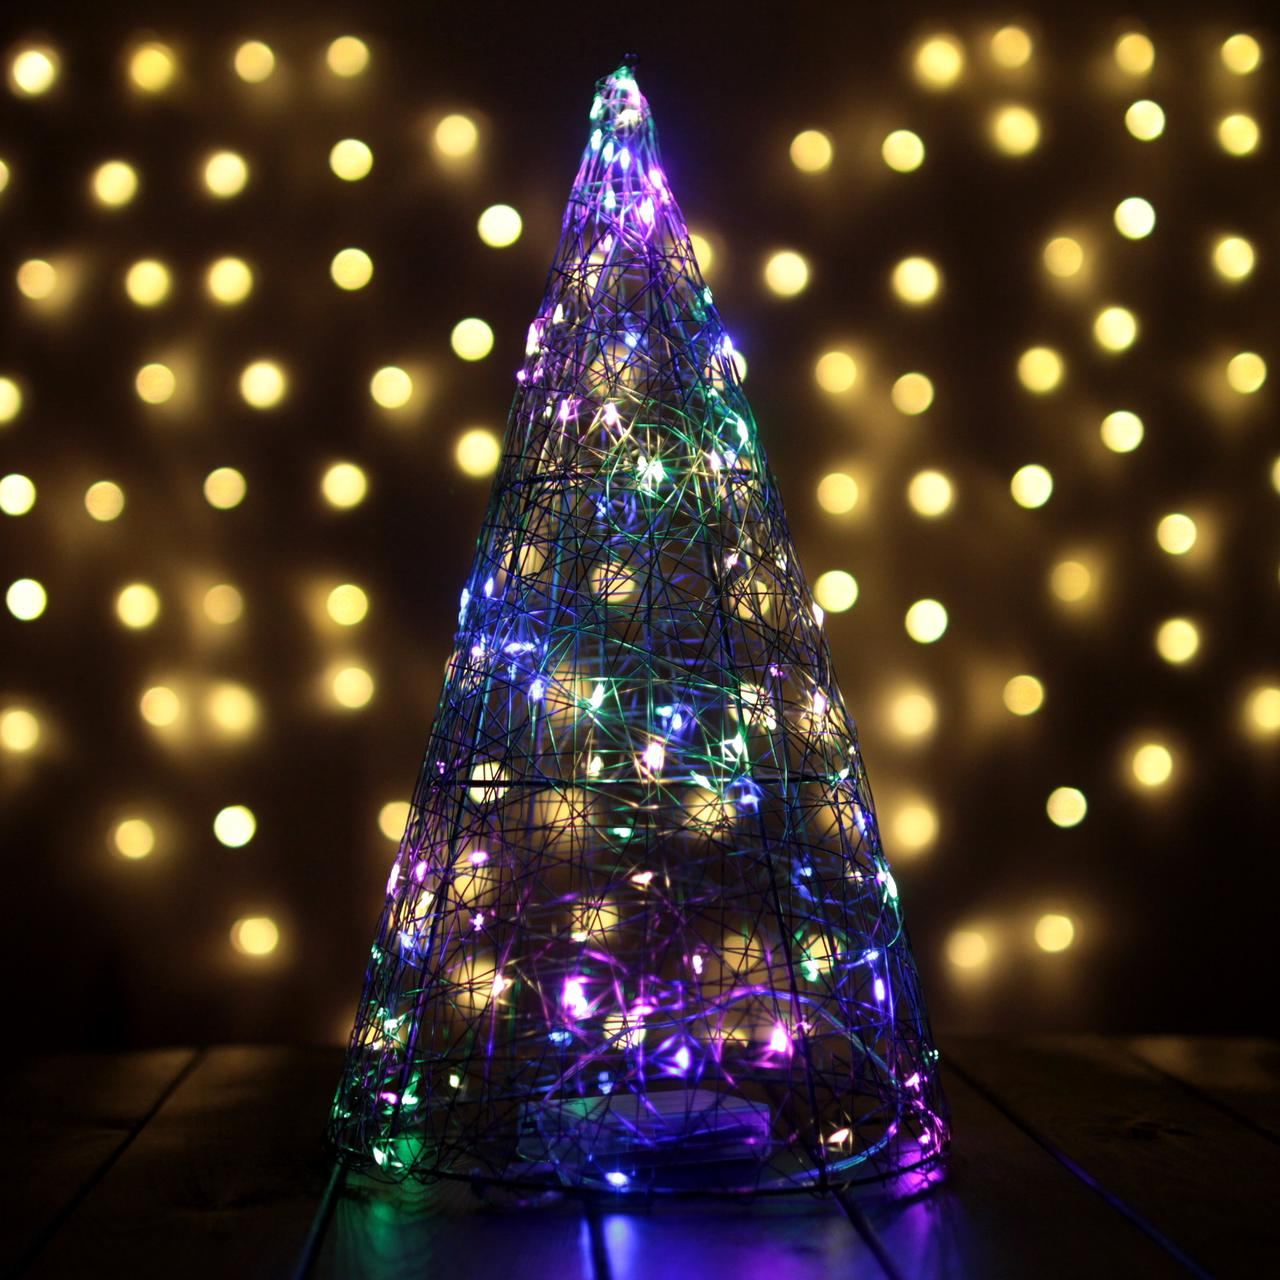 Декор Елка ЛОФТ Новогодняя Рождественская Ель с LED Гирляндой На Батарейках Или От USB 38х22см GoldMultiLOFT